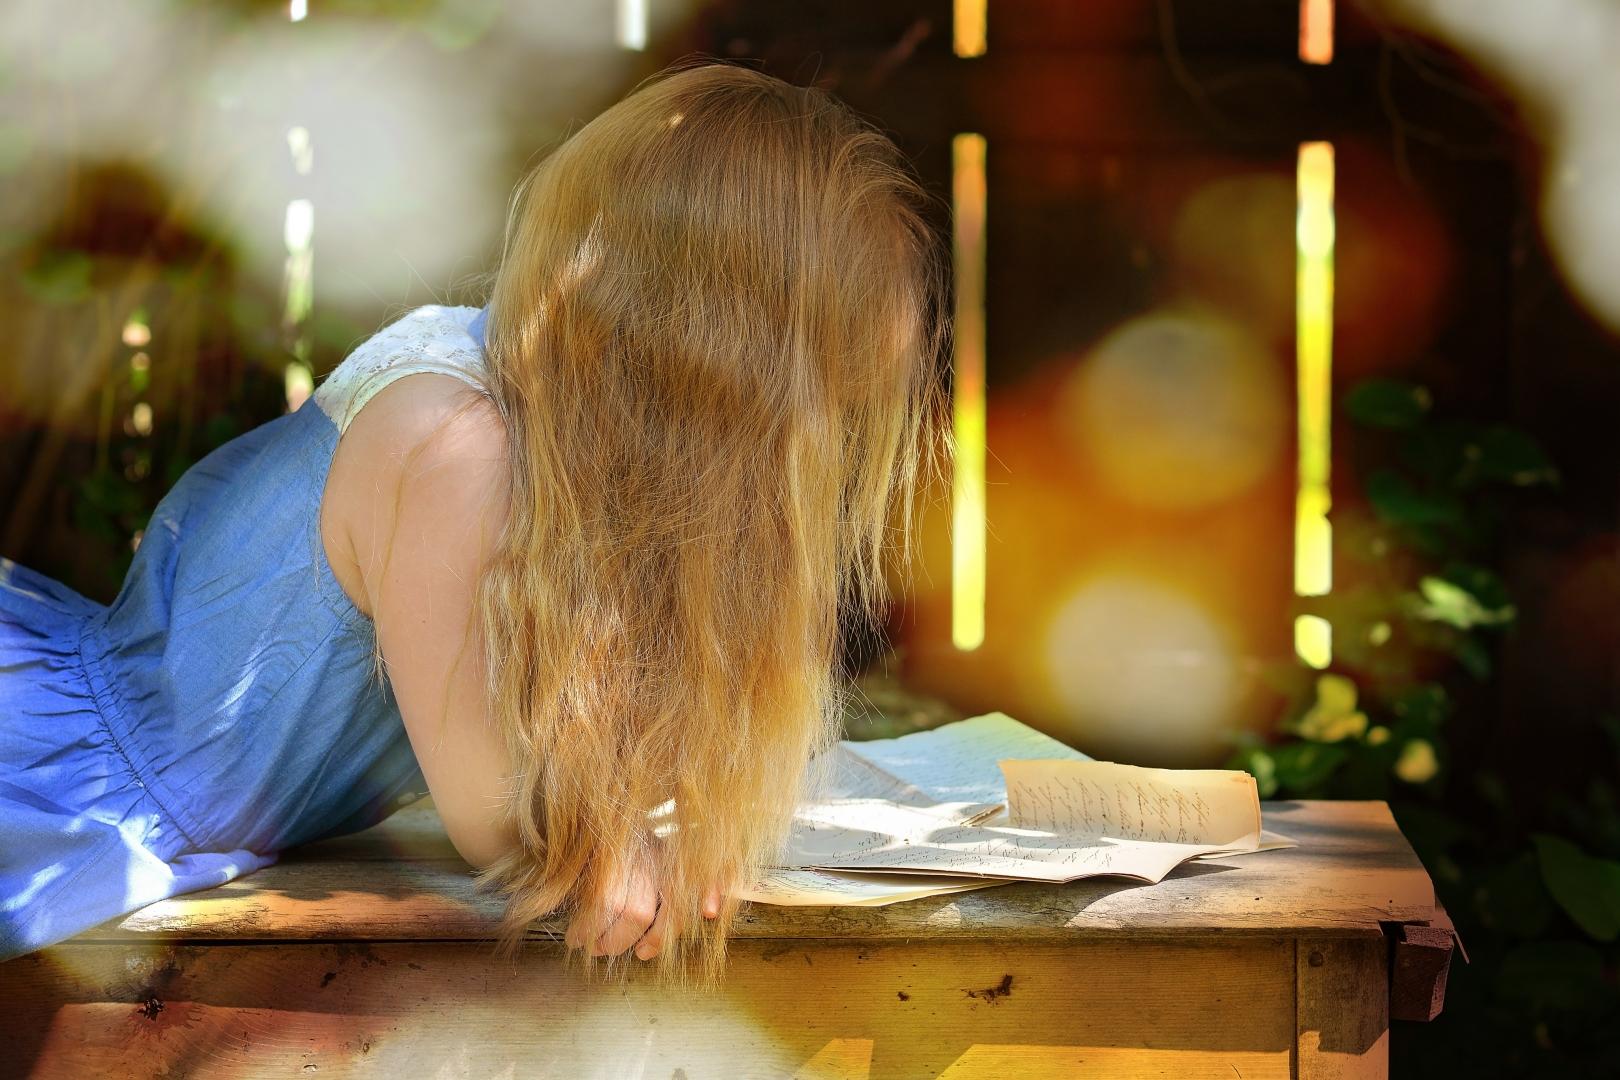 廣泛閱讀,宜從年幼時開始,從繪本閱讀開始。(Peakpx)